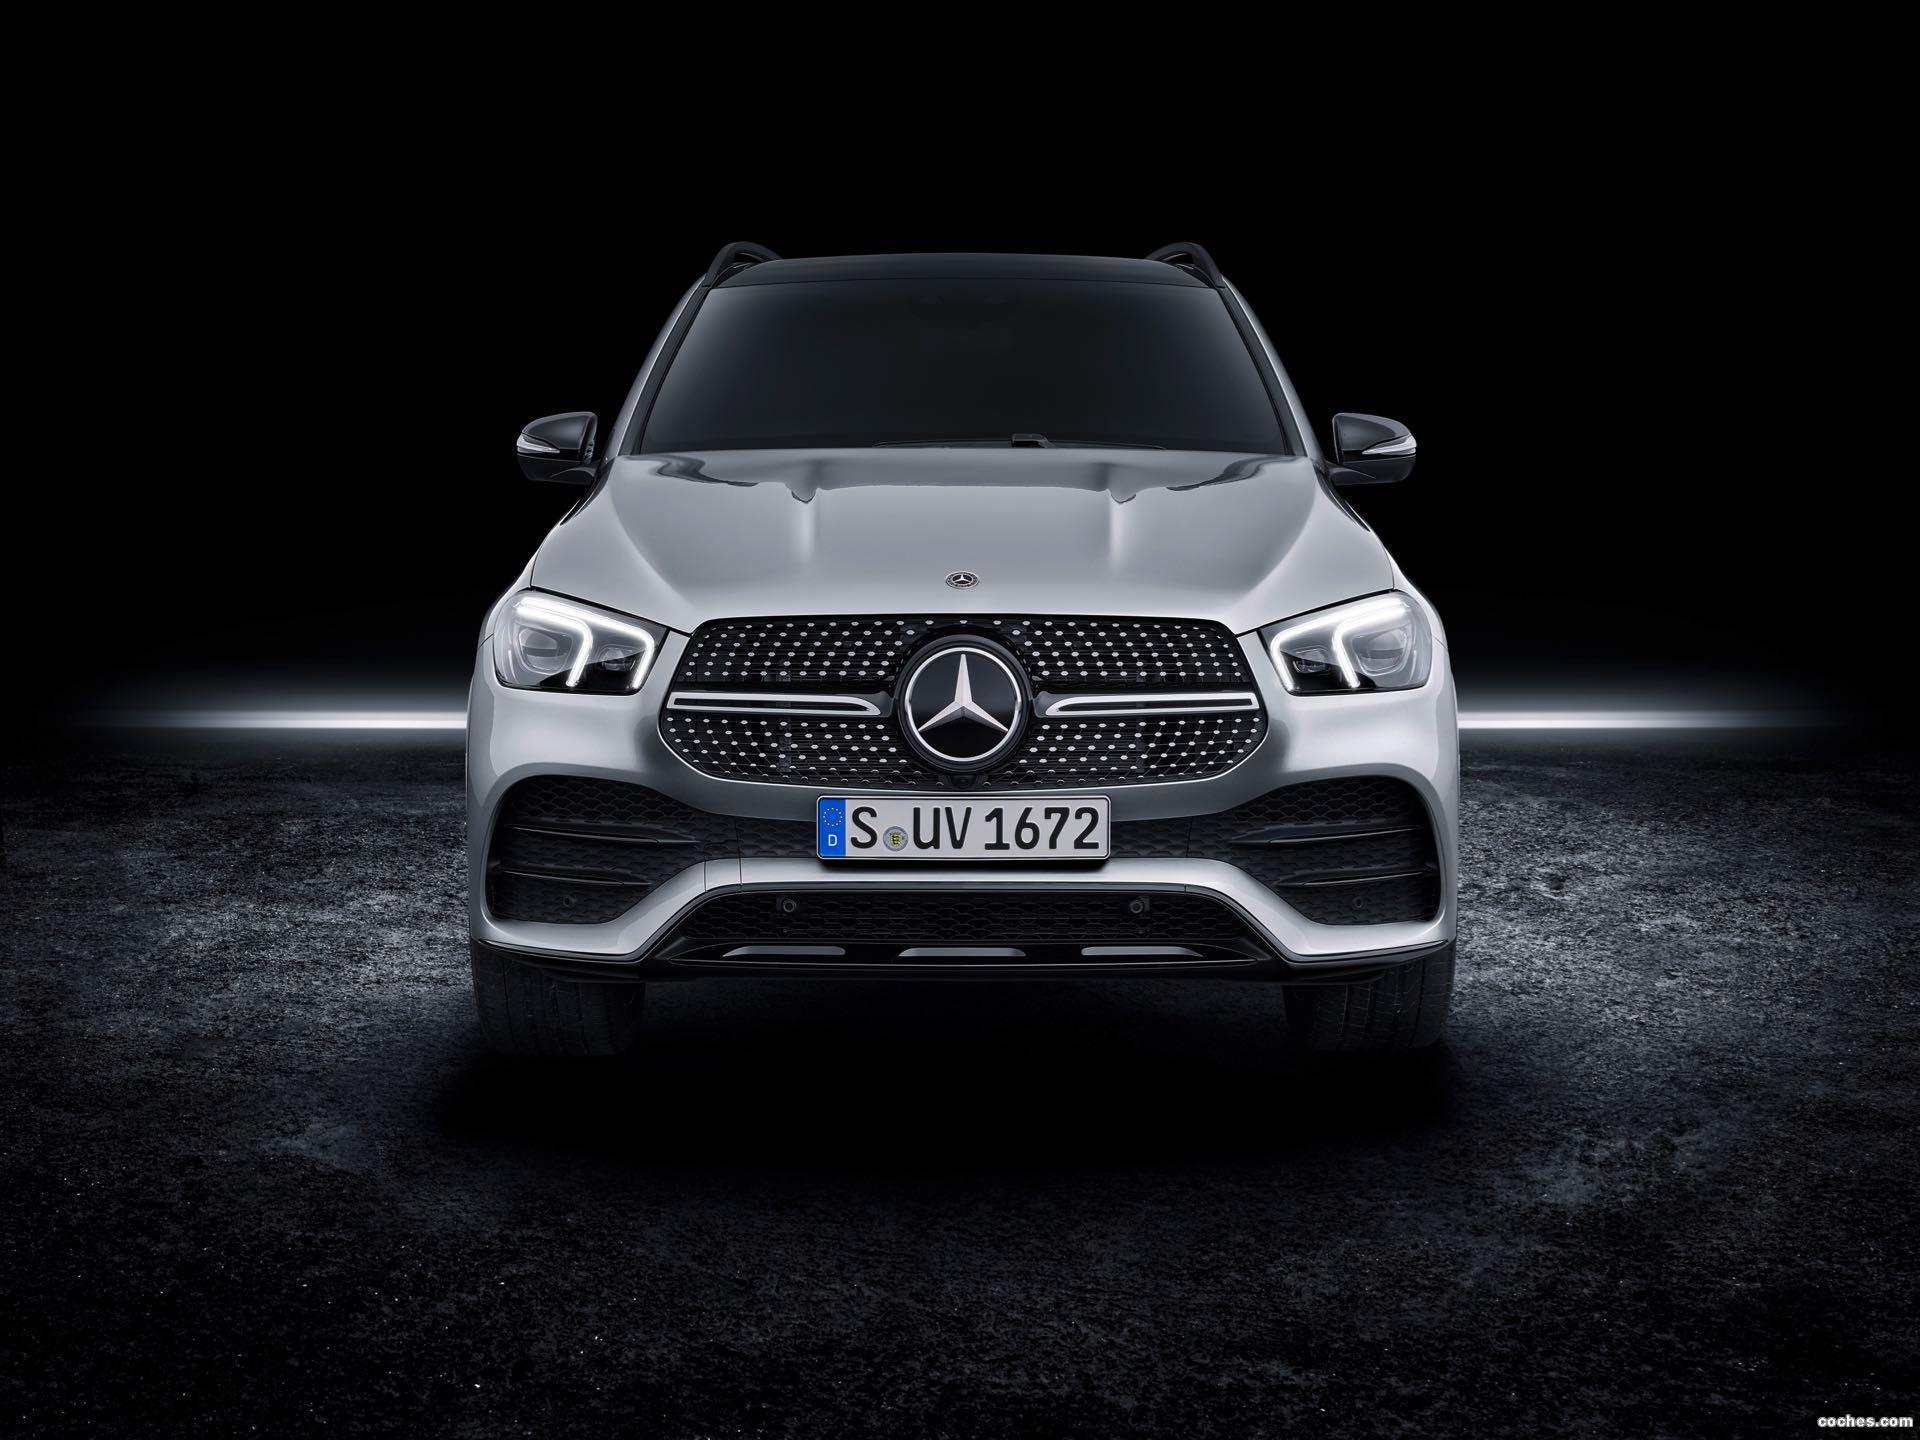 Foto 8 de Mercedes Clase GLE 450 4MATIC 2019